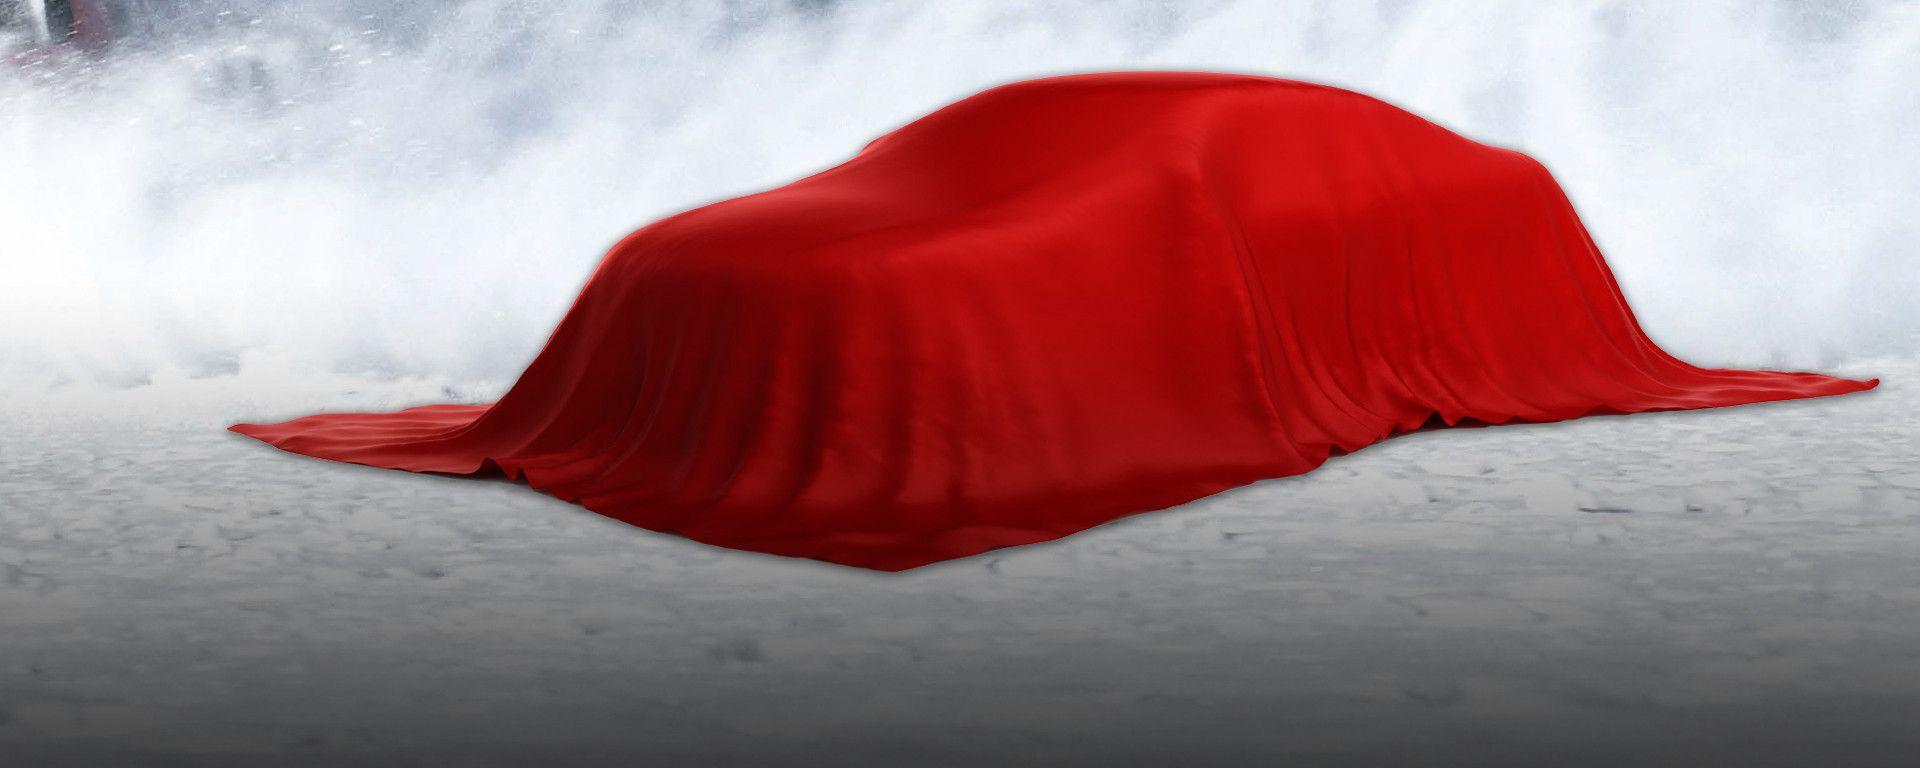 ESCLUSIVO!!! IL TEST DRIVE PIÙ IMPORTANTE DELL'ANNO